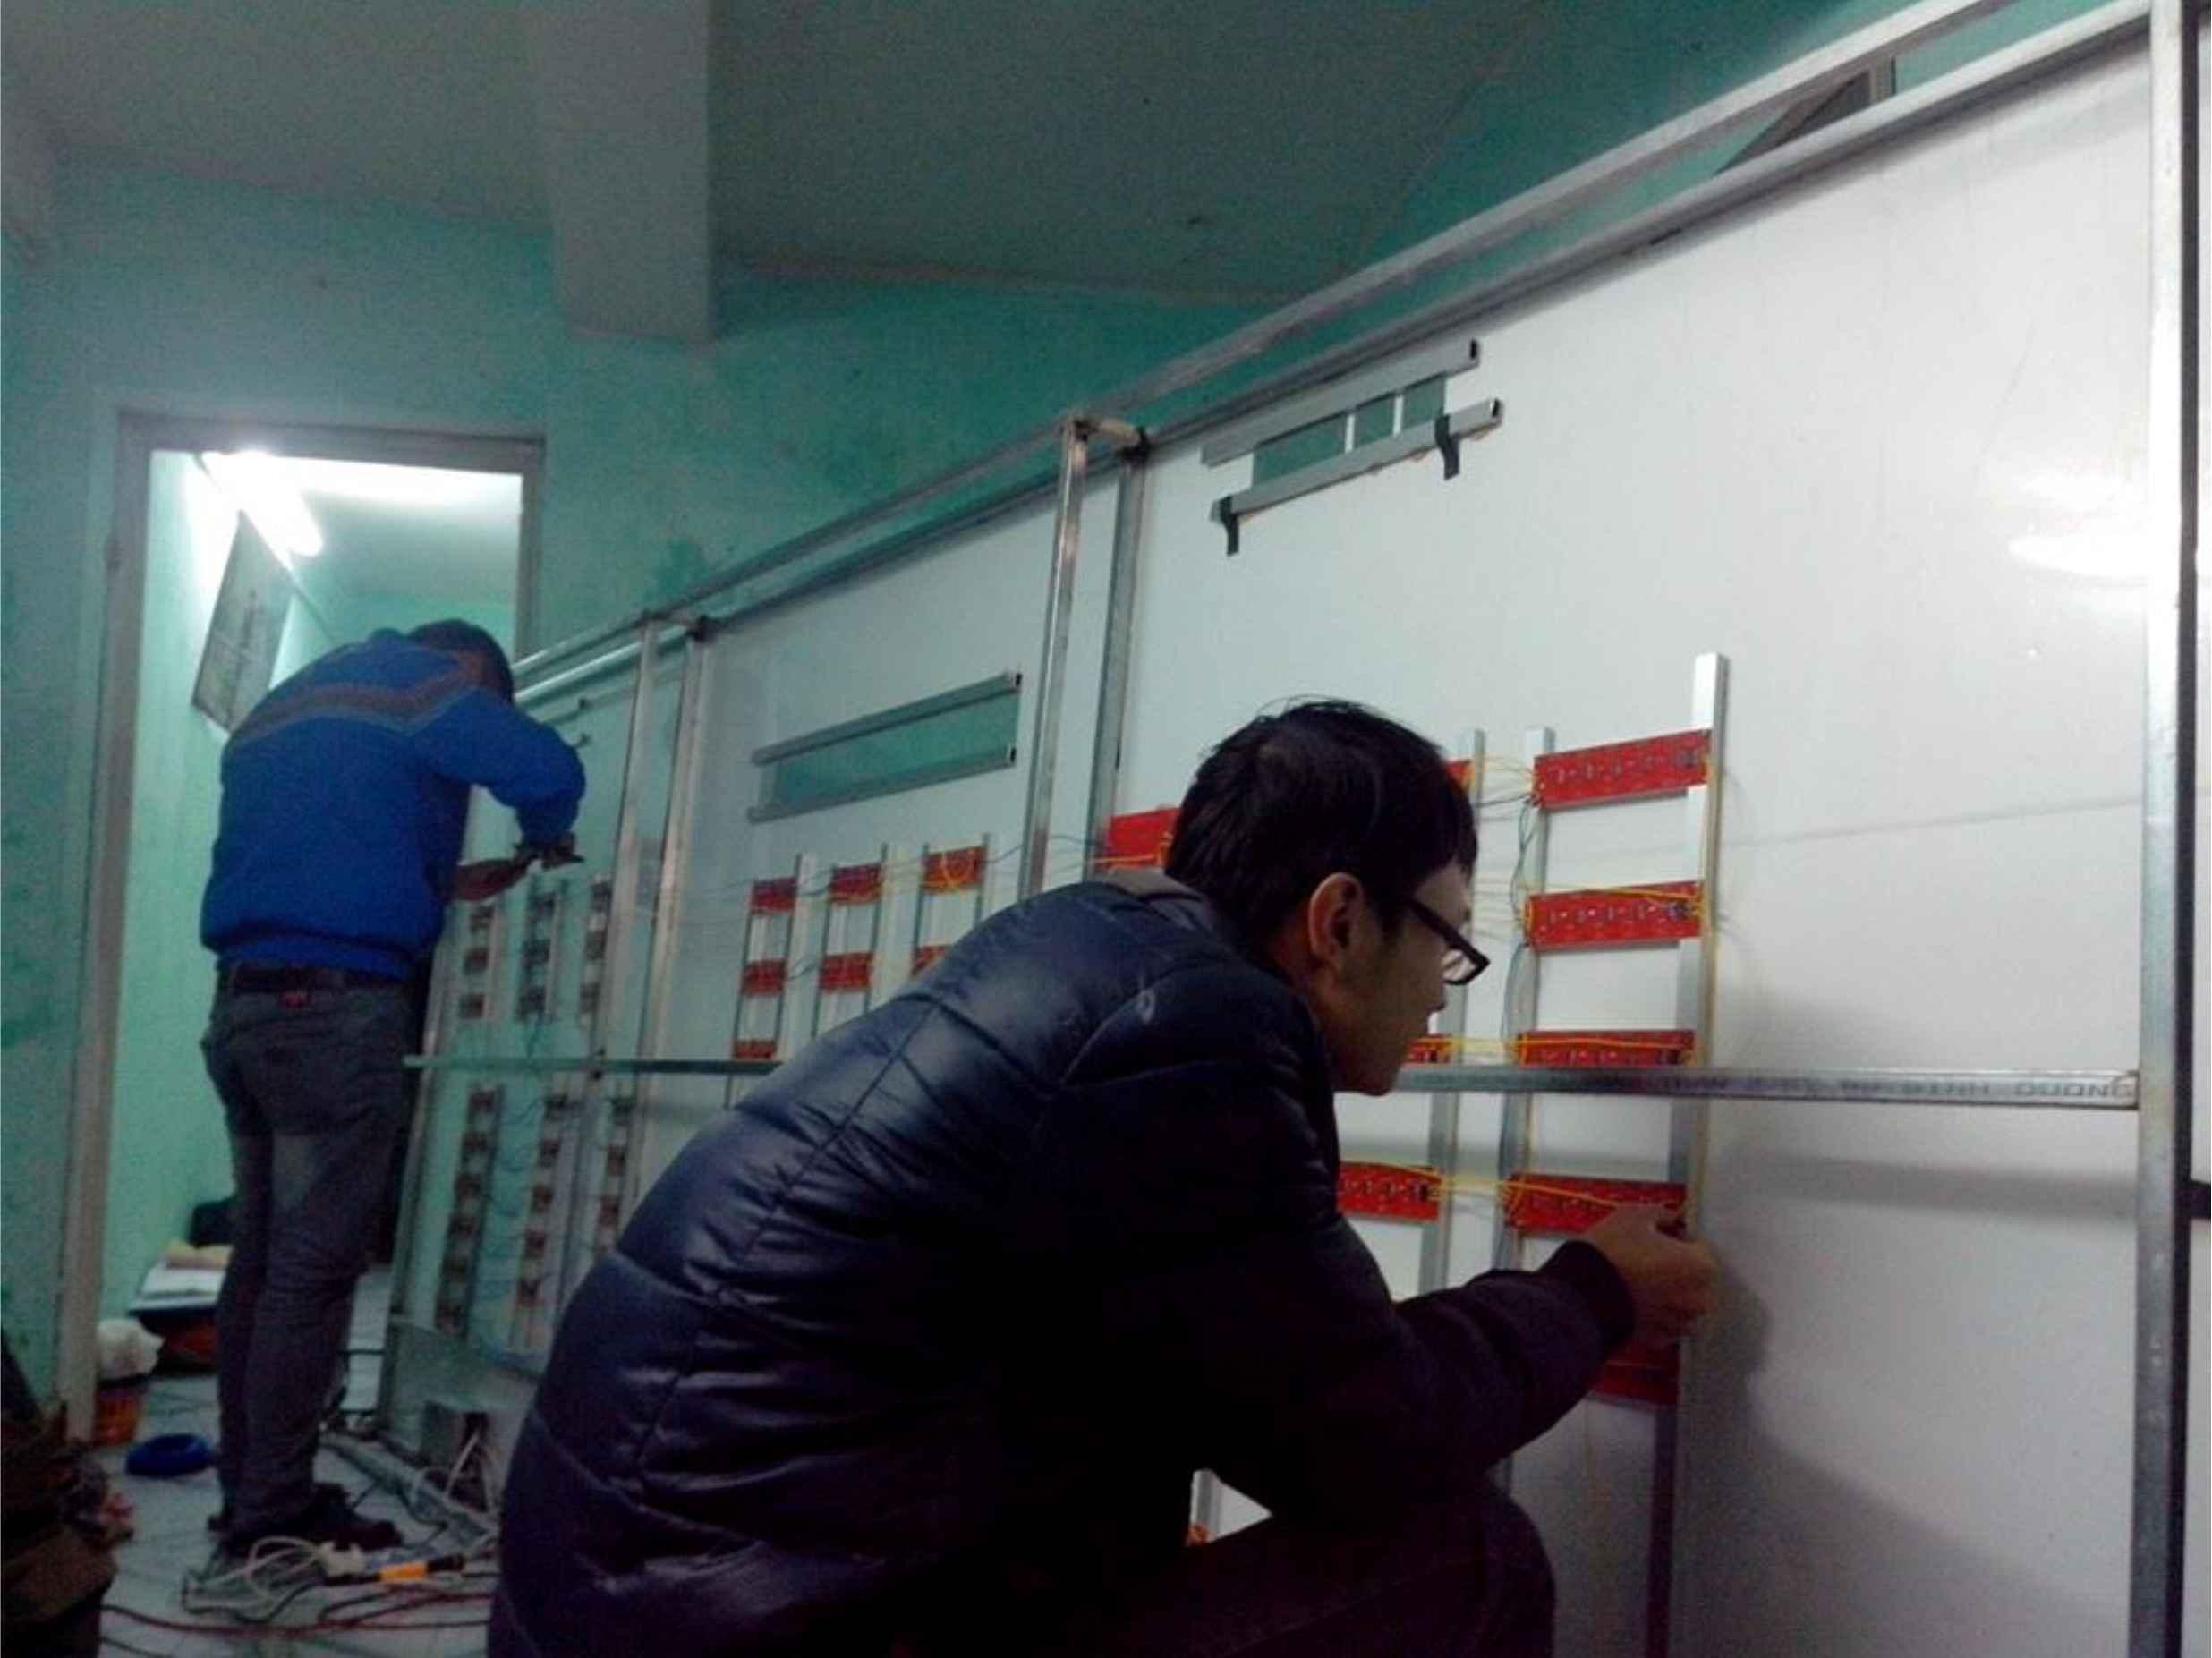 Bảng điện tử led tỷ giá nghiệp vụ ngân hàng nông nghiệp Agribank - Quảng Cáo Bến Tre